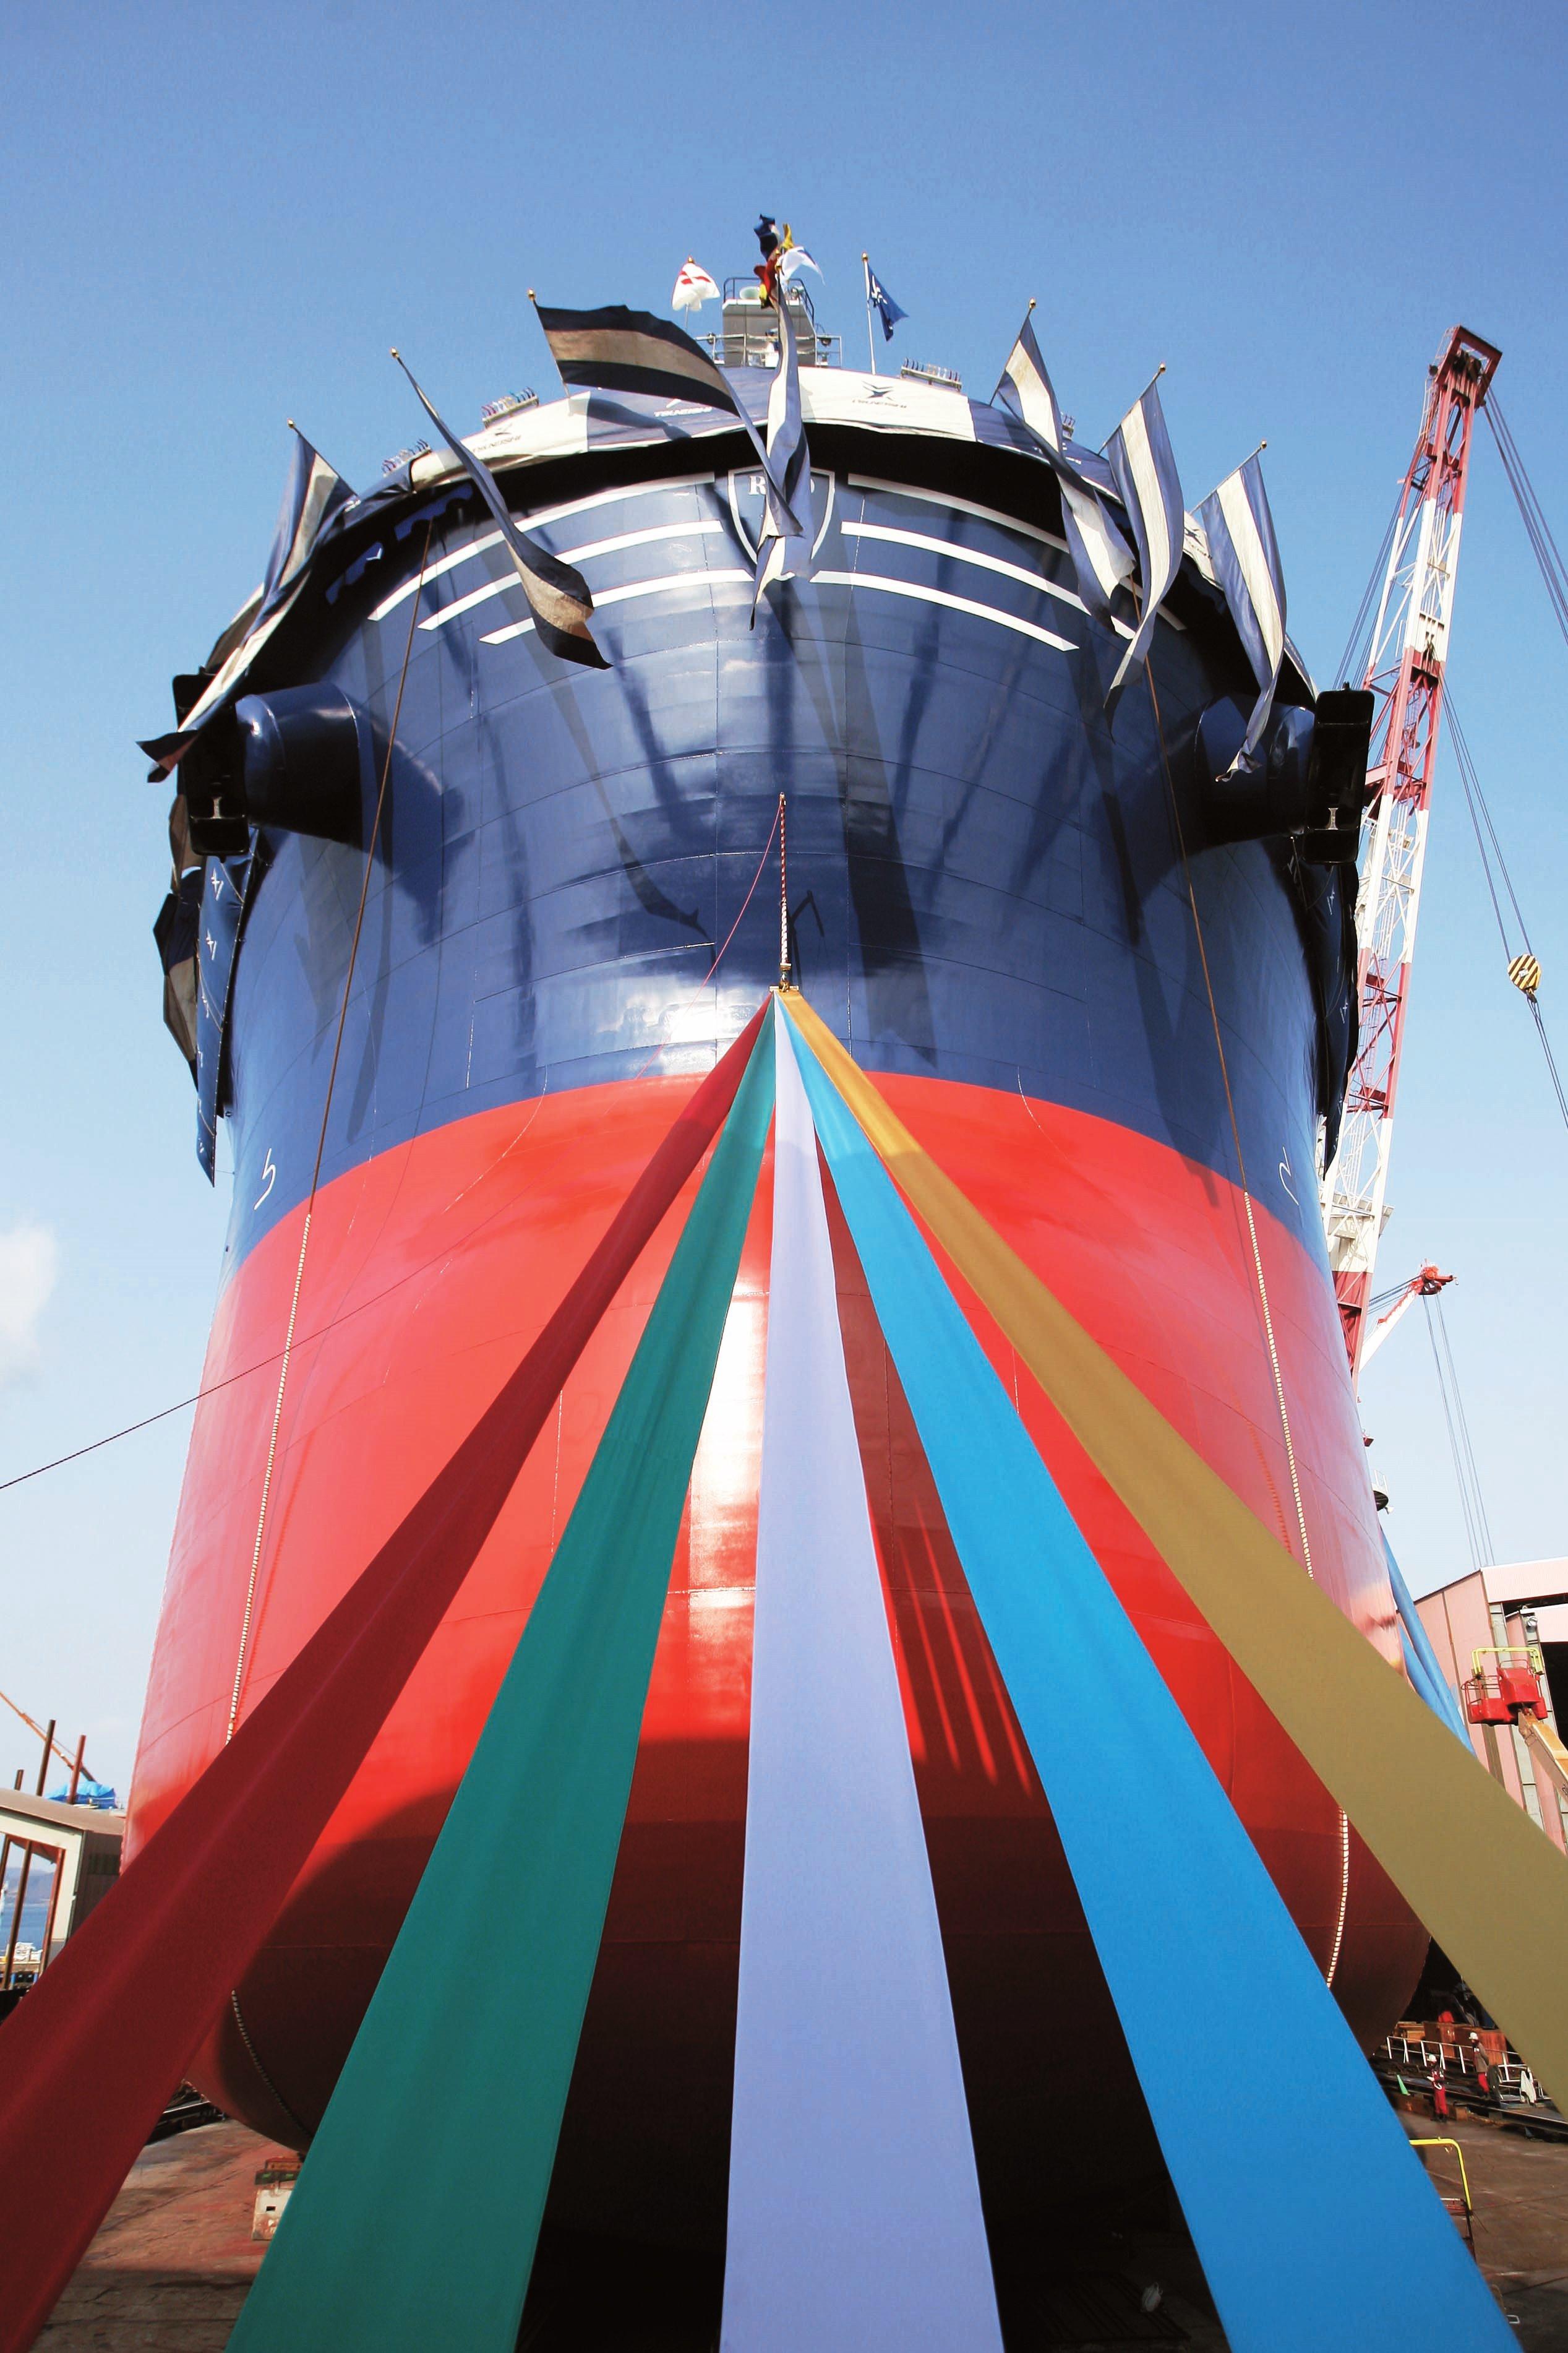 2015年2月16日,现场直播8万吨级散货船进水仪式~常石造船 广岛县福山市 常石工厂 第一船台